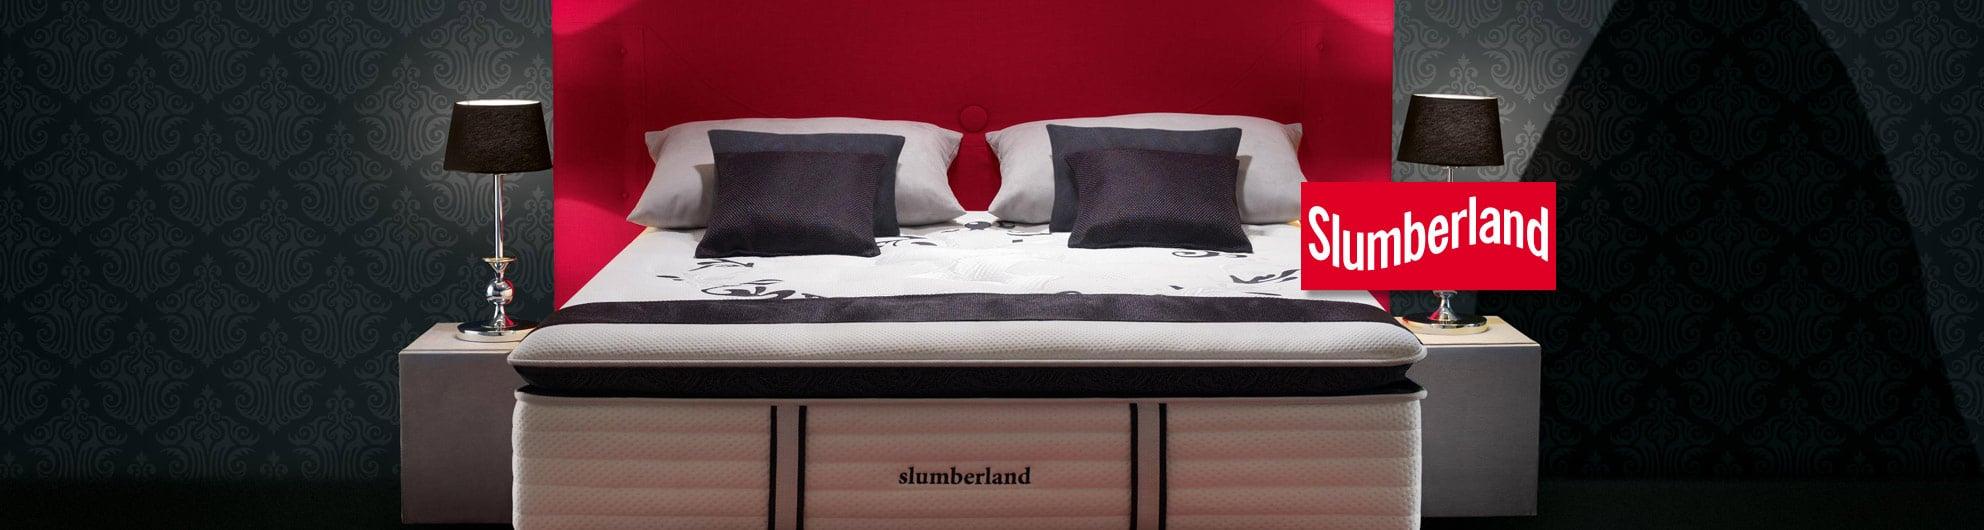 Slumberland - Nuits de rêve